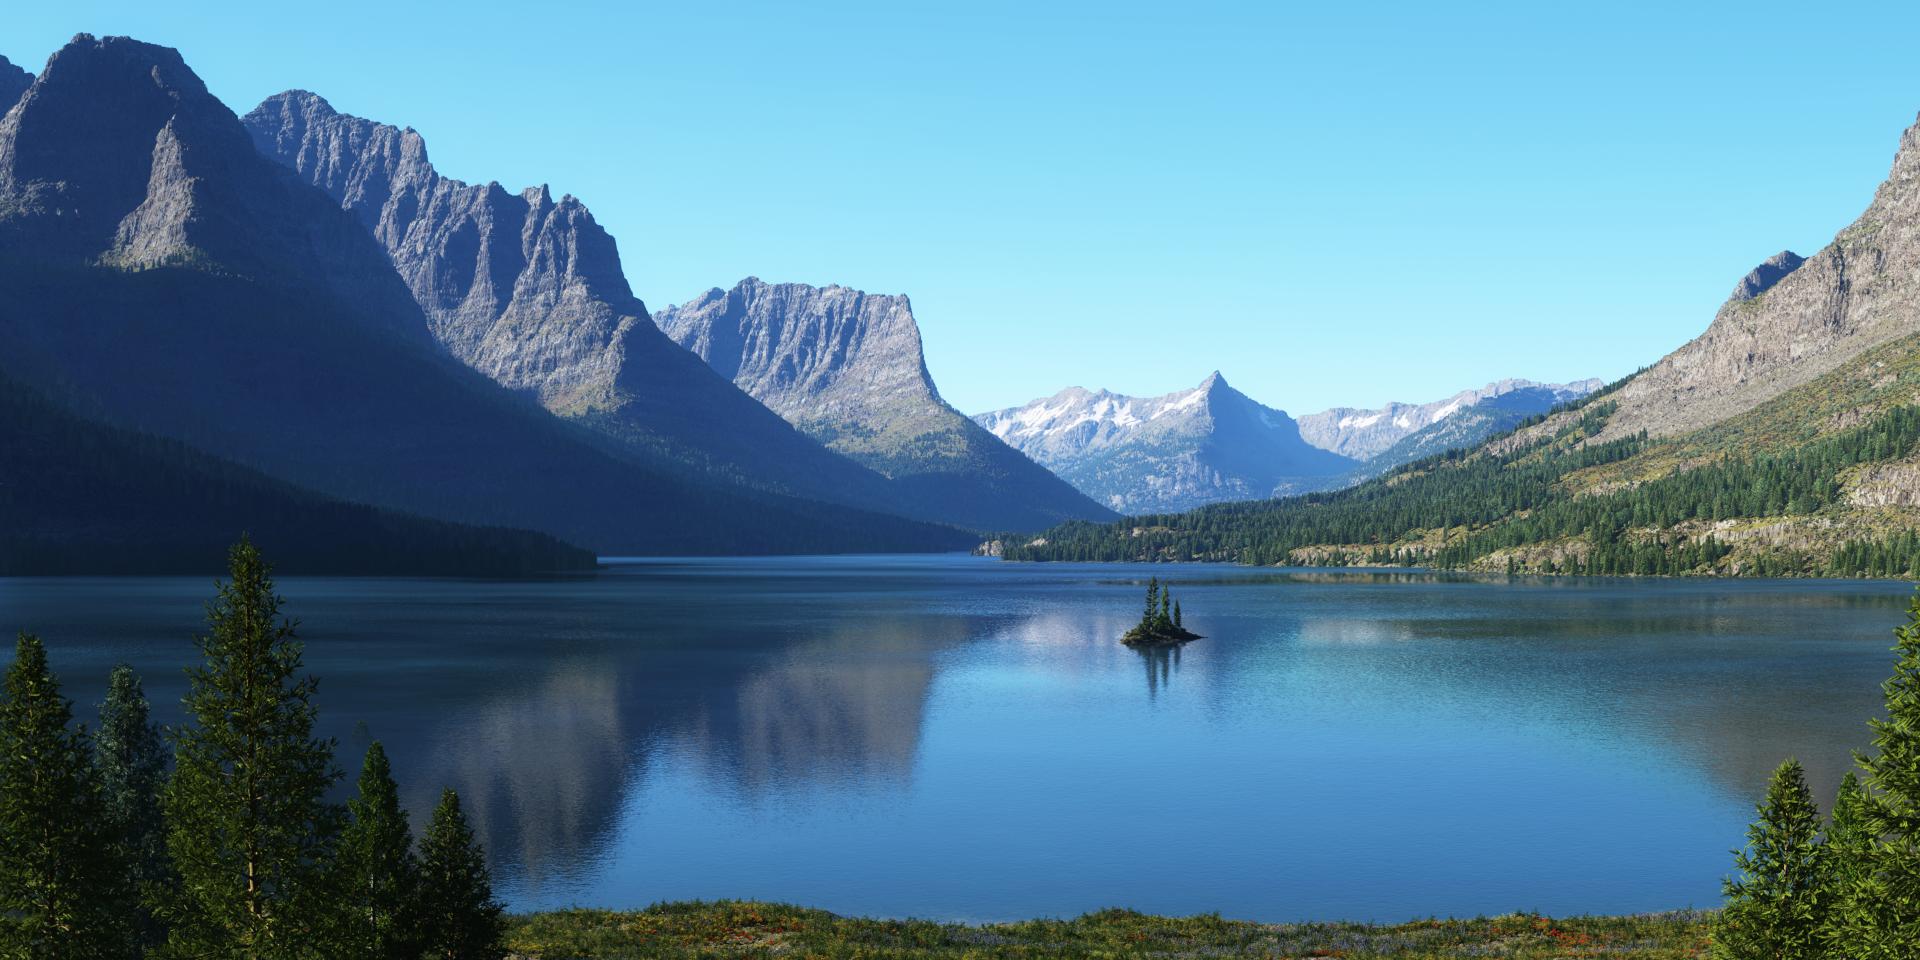 St Mary Lake by Gannaingh32